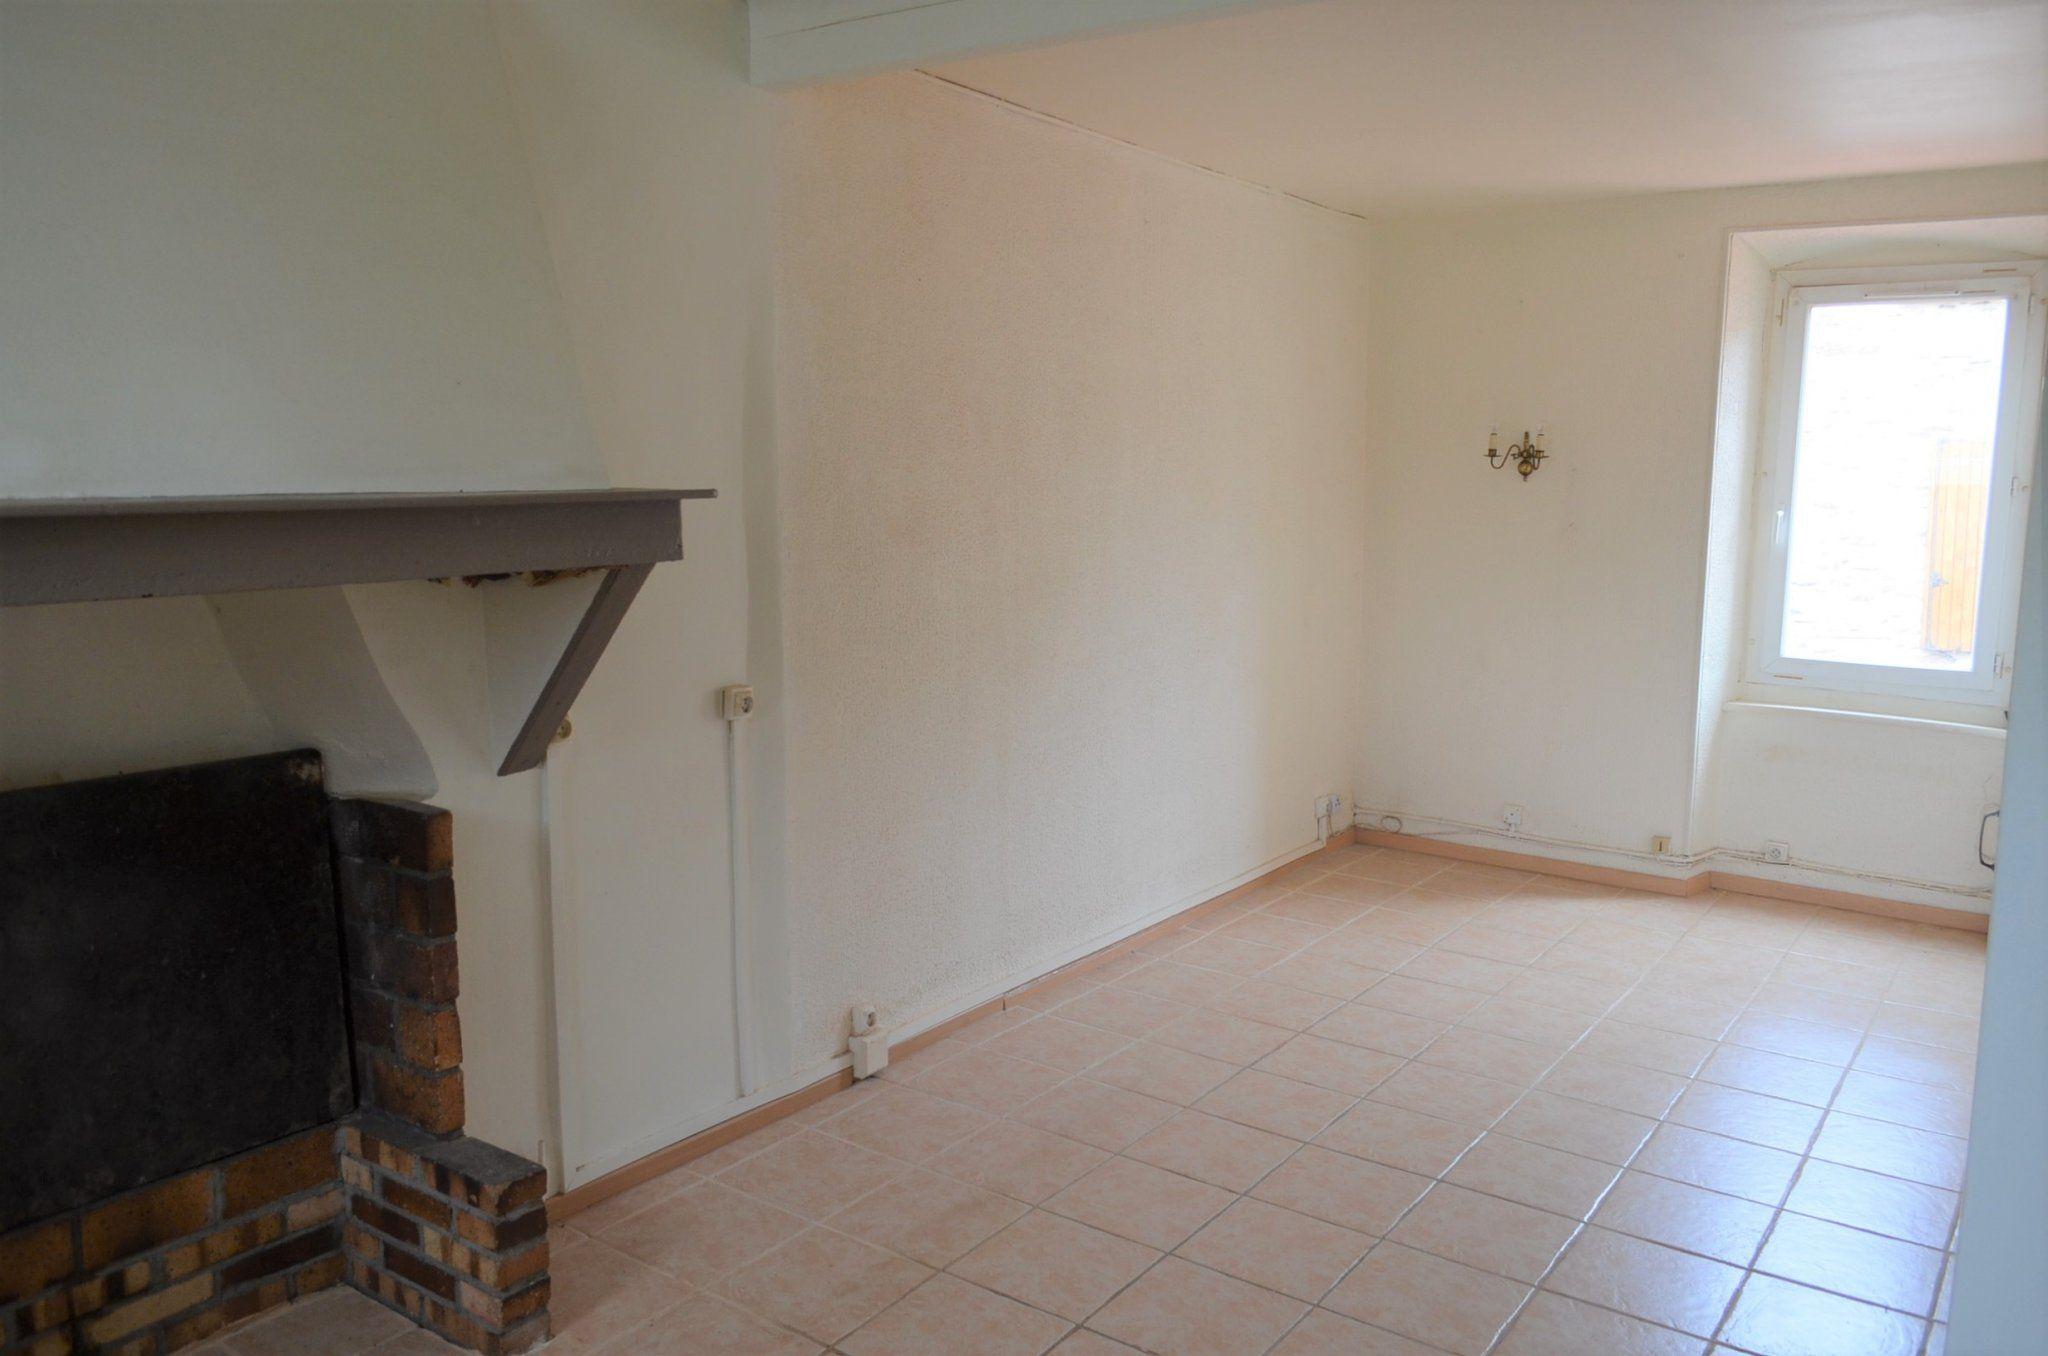 Maison De Village Situee A 15 Minutes De Carcassonne Avec Un